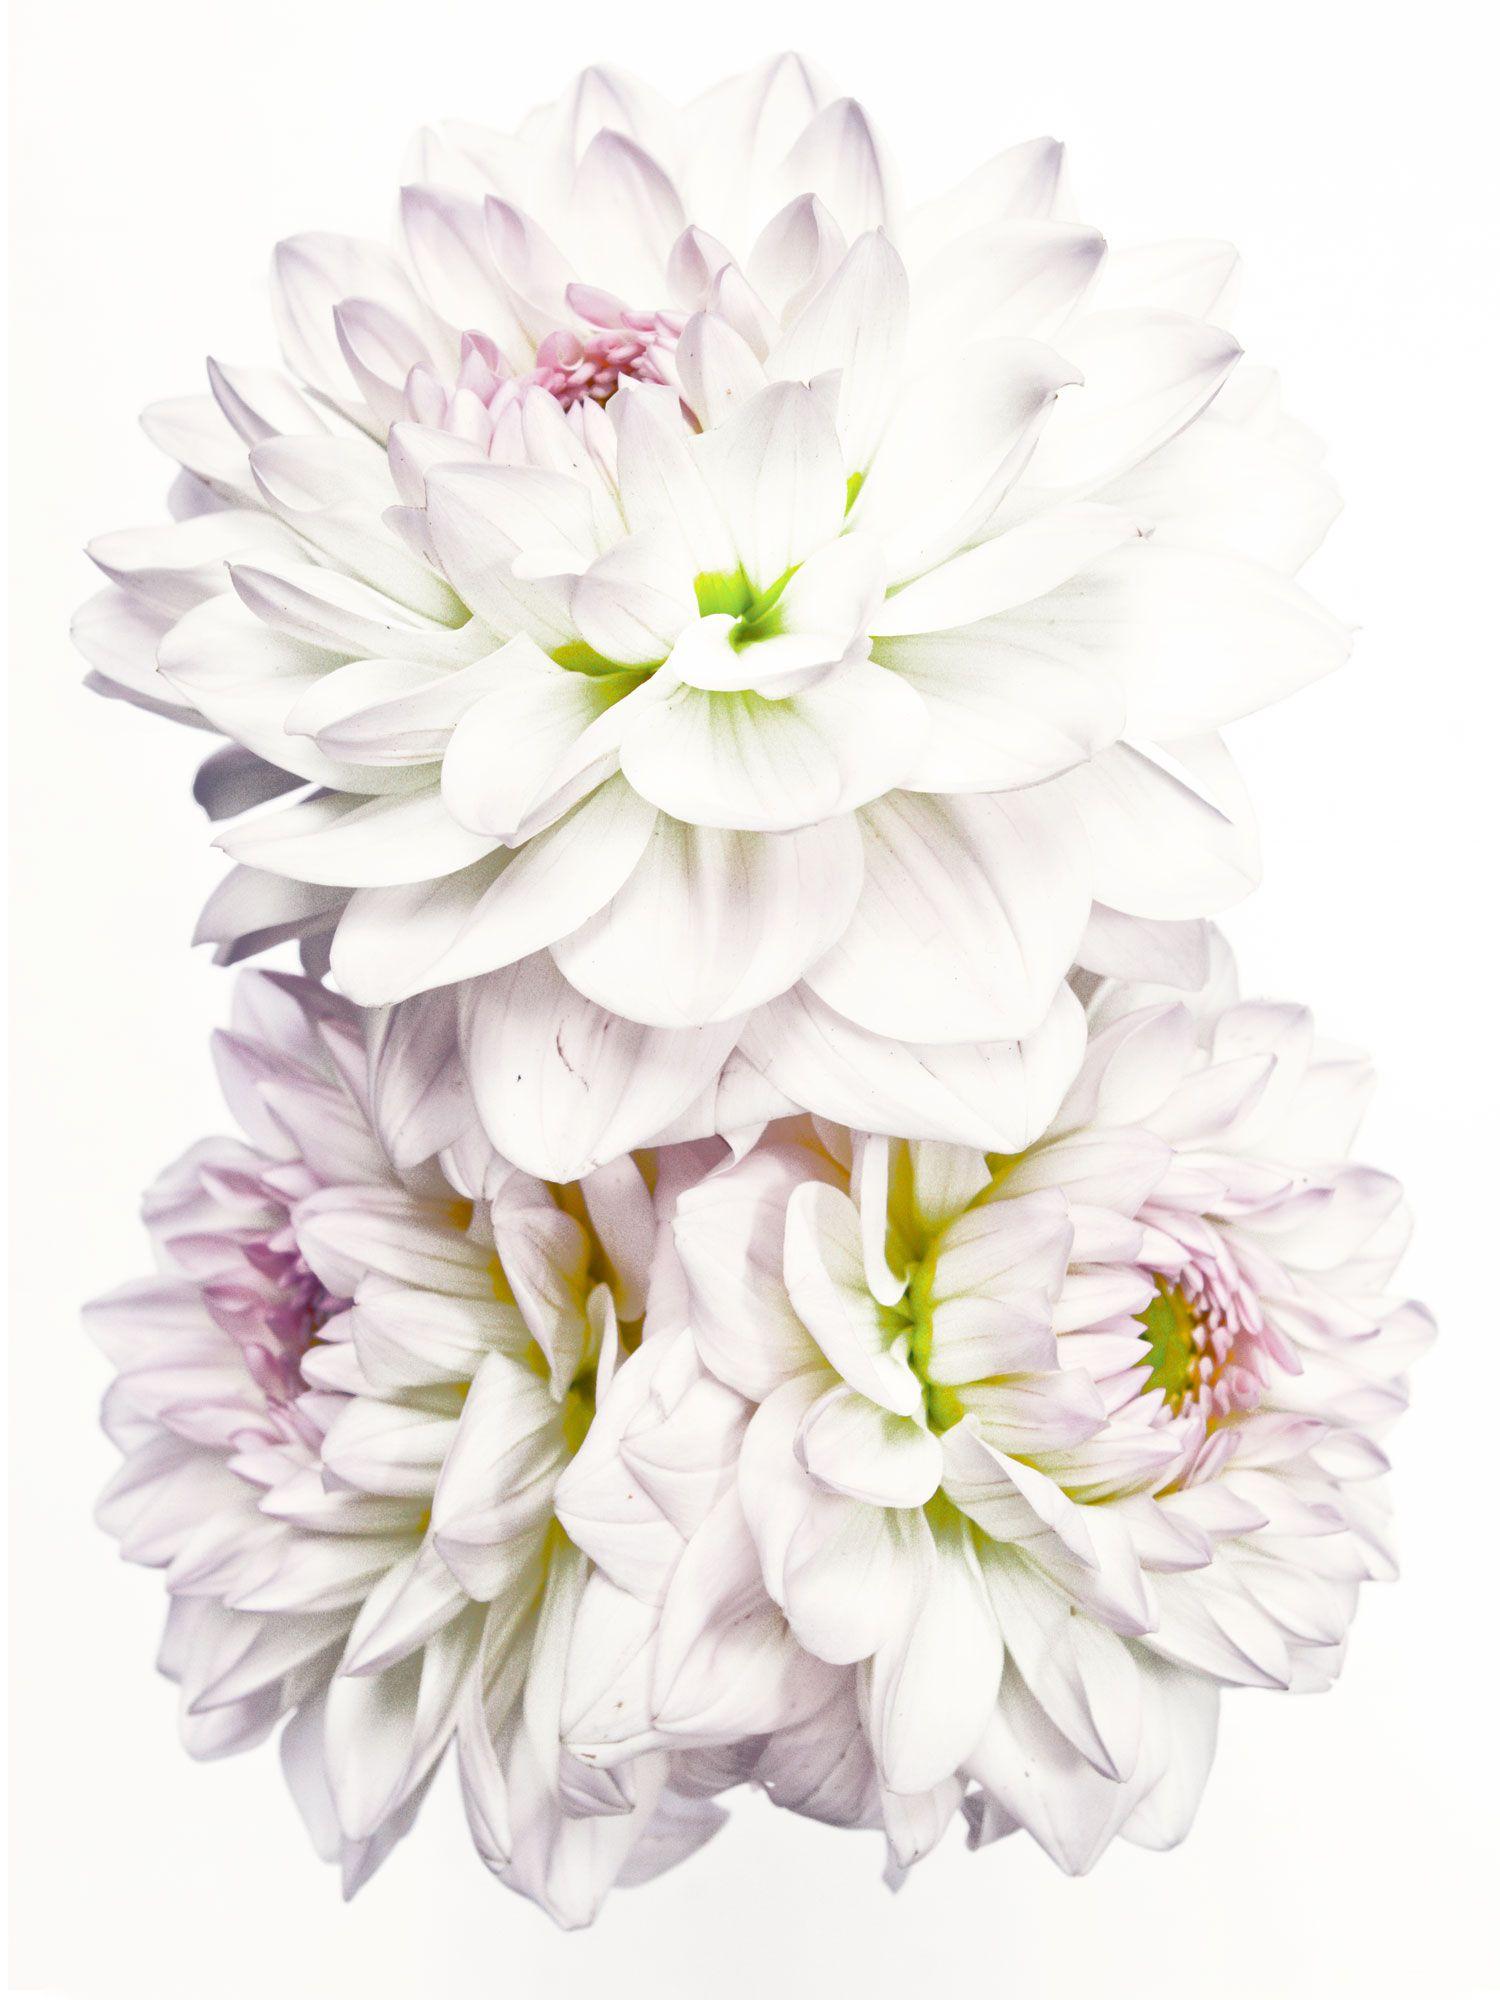 DITTMAR_anni-hall_flowers